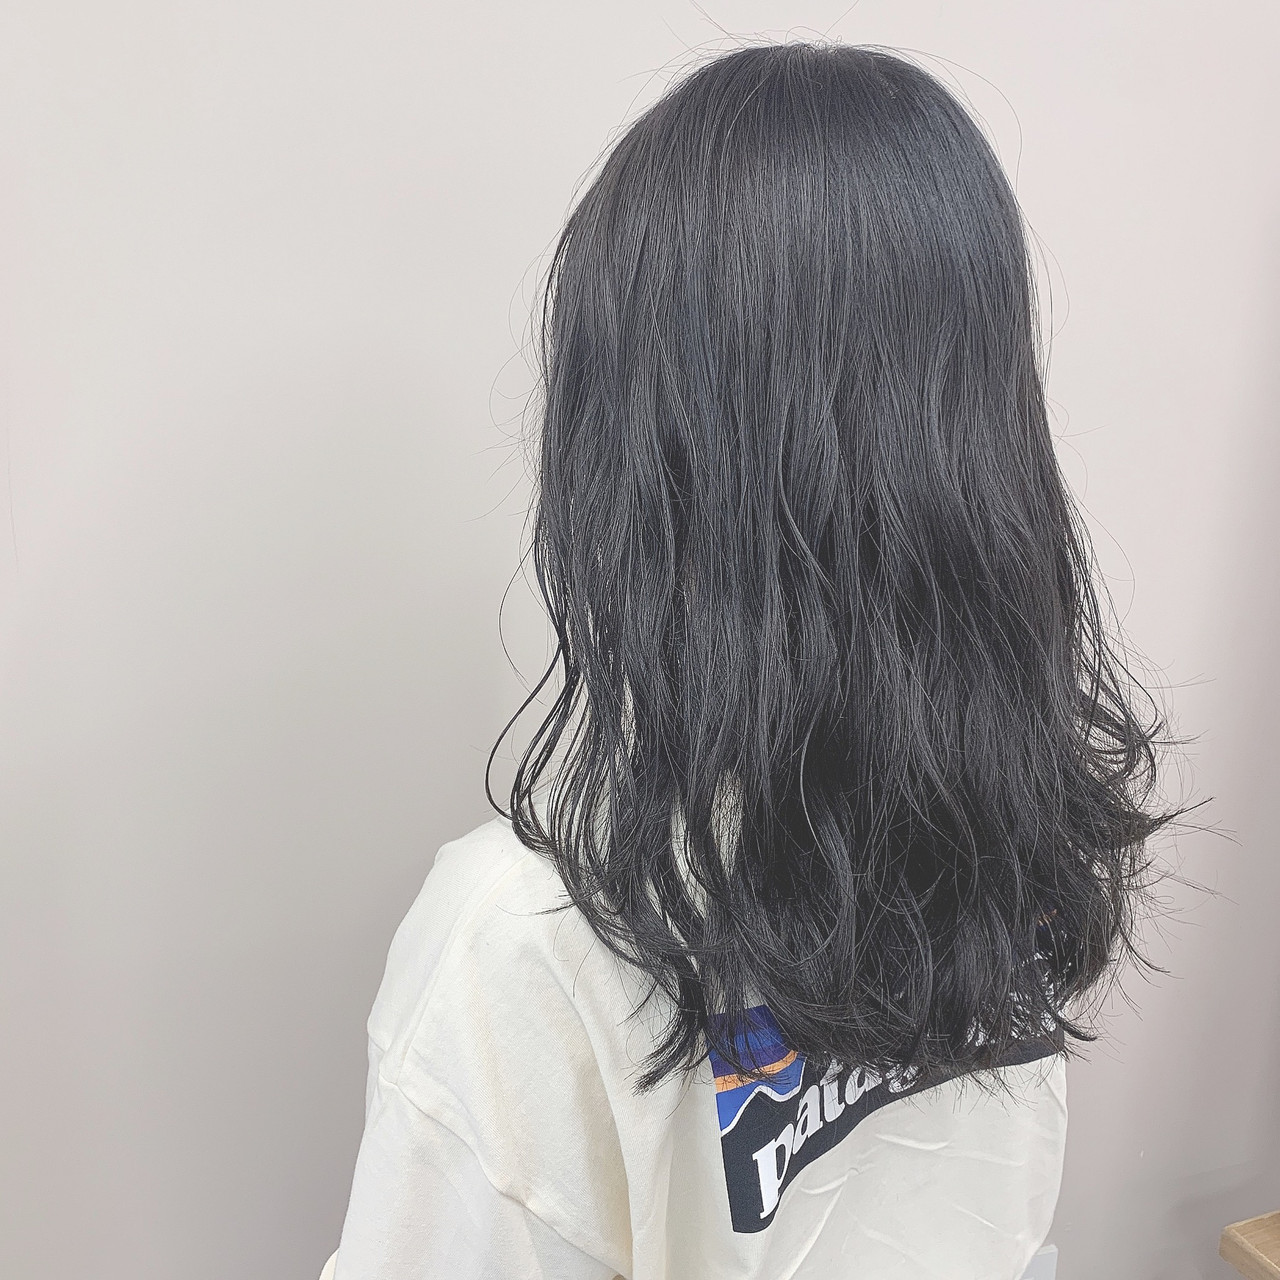 ブルーブラック アッシュグレー 透明感カラー ダークグレー Garland